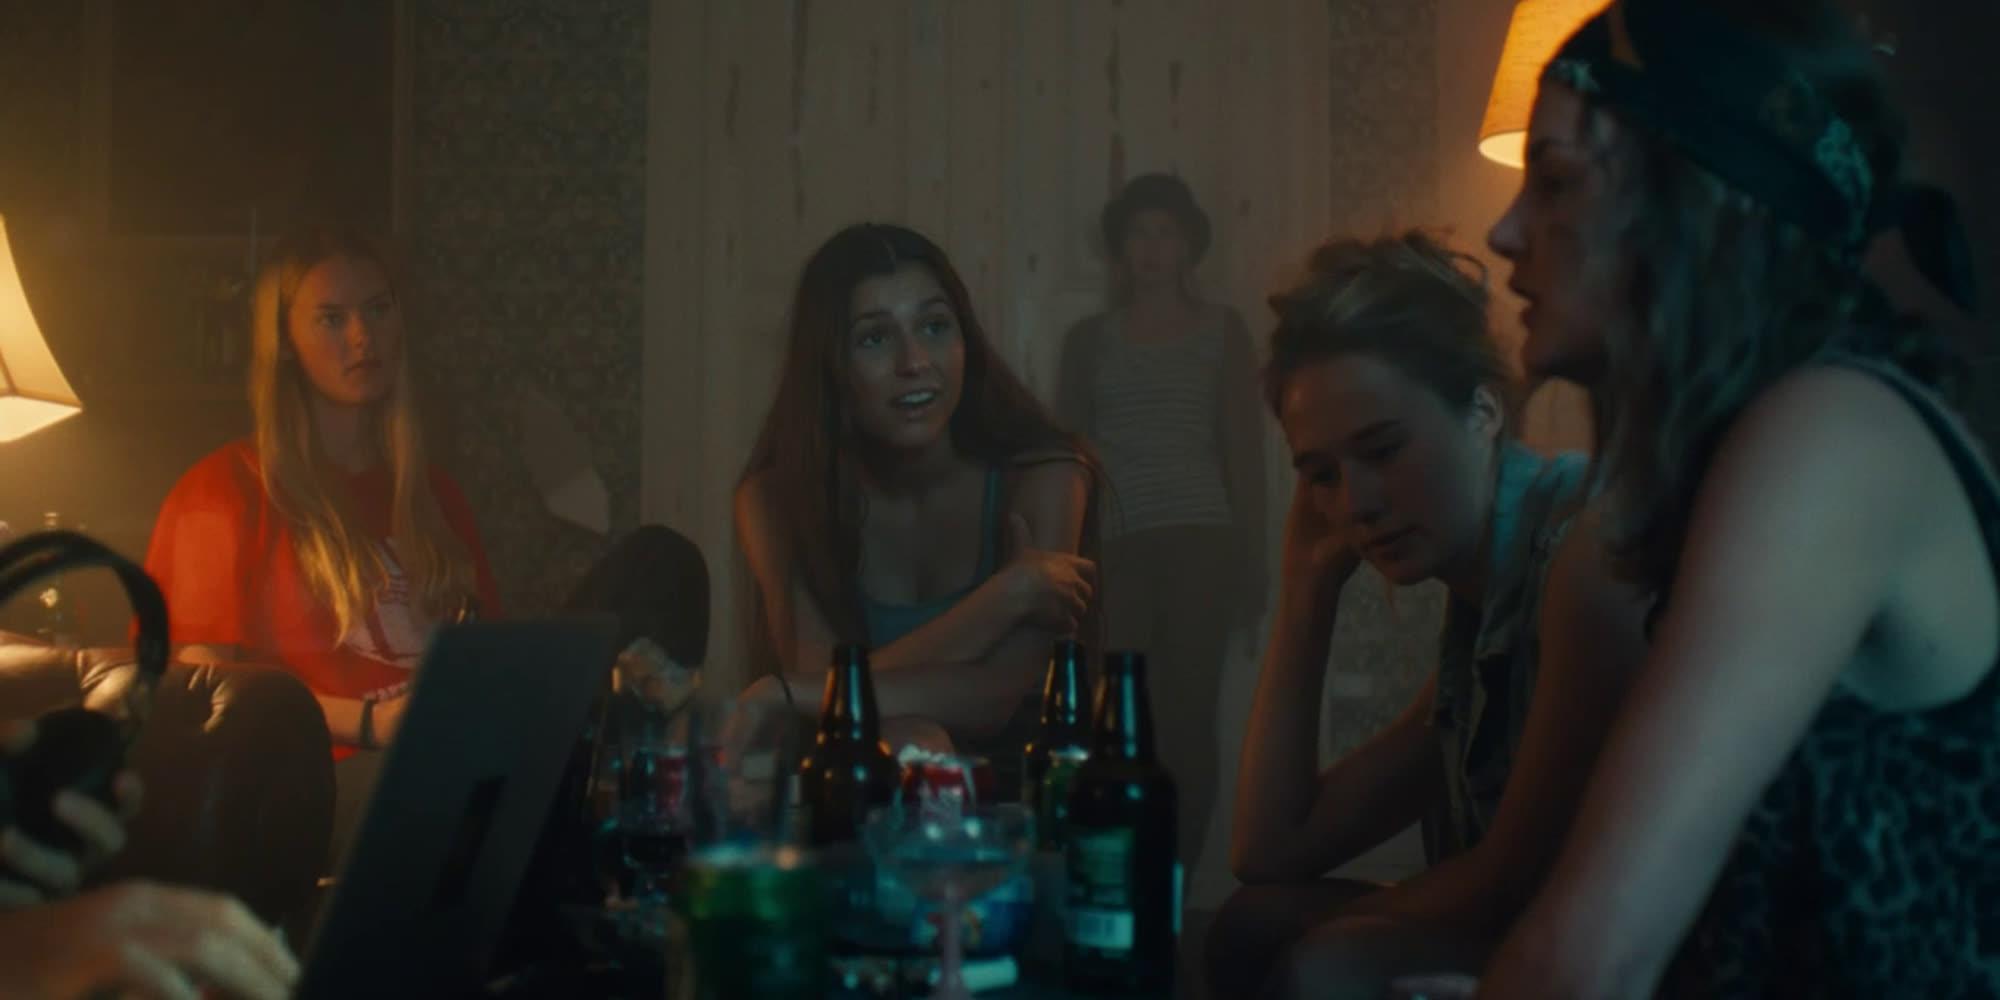 Utsnitt fra filmen Dryads - Girls Don't Cry.